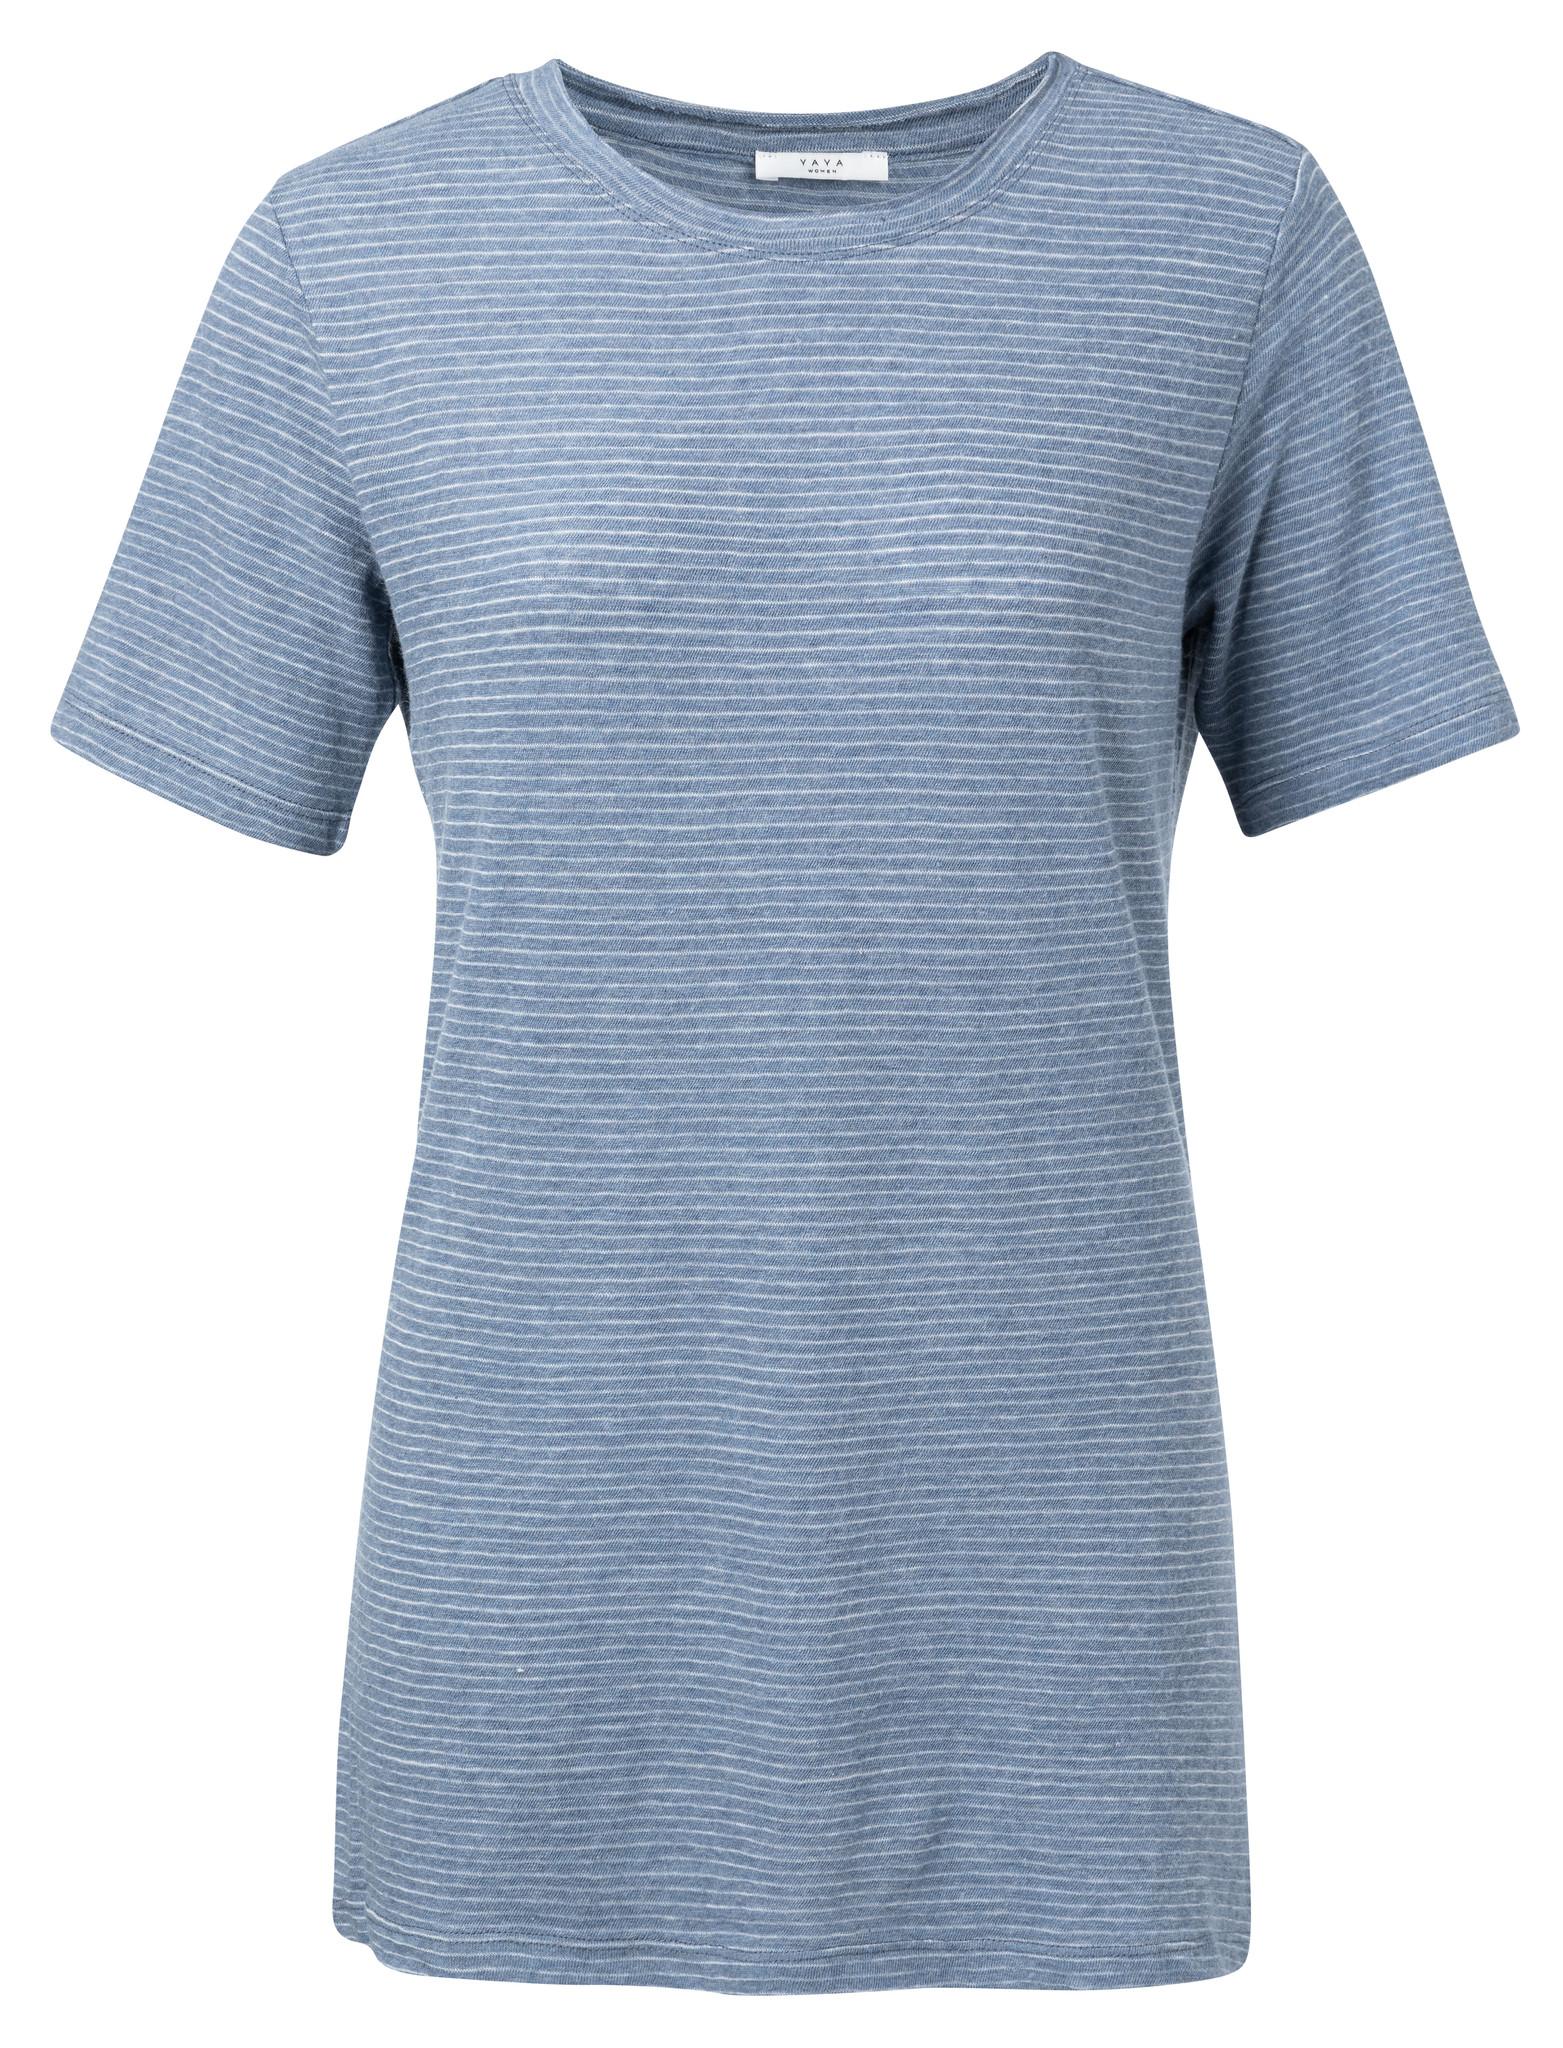 yaya T-shirt with yarn st 1909296-014-1